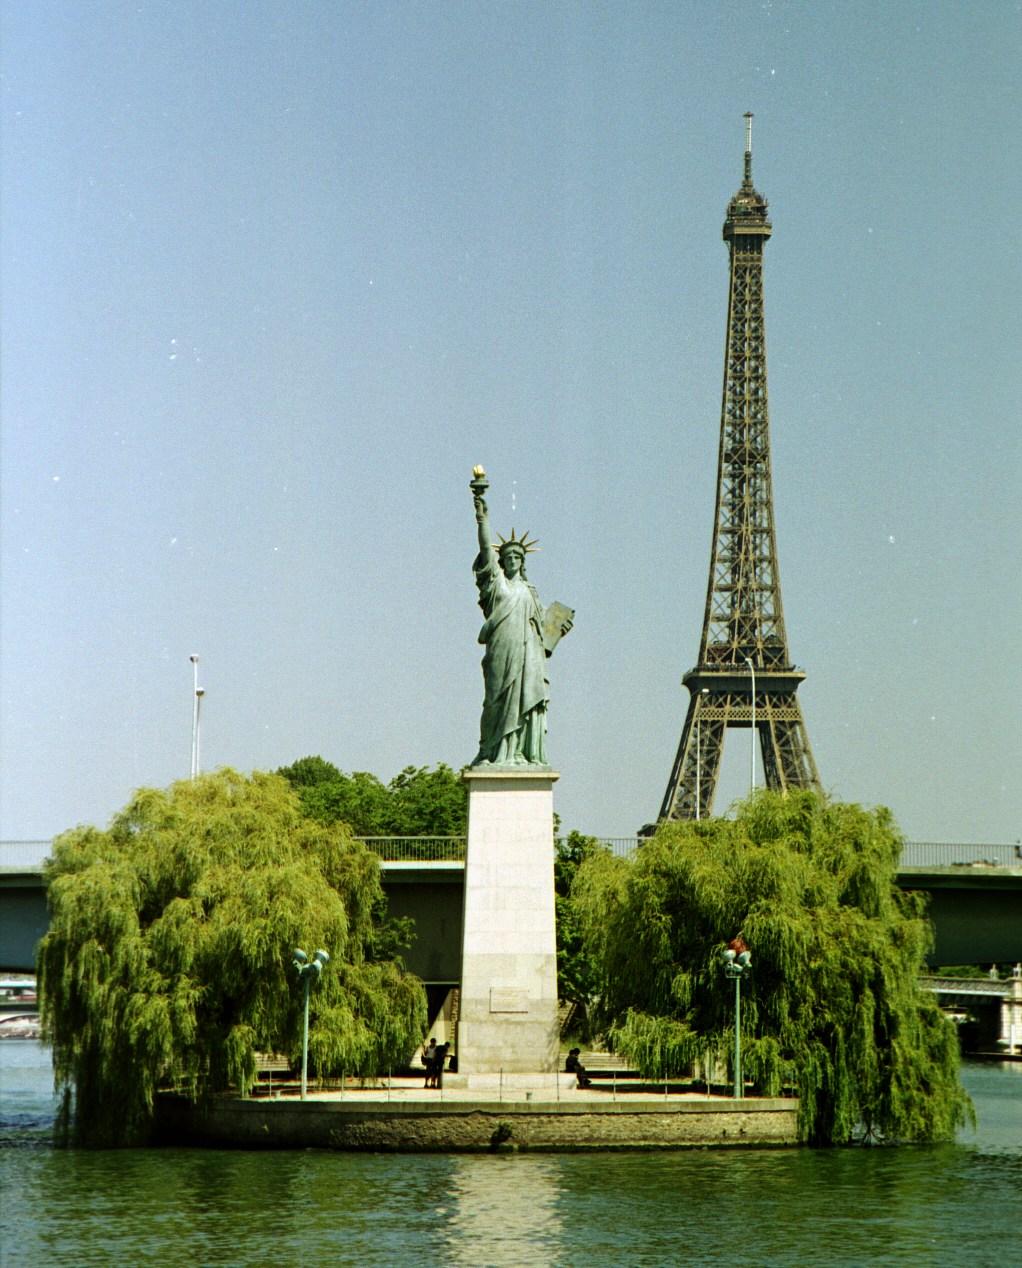 640px-Paris-ile-des-cygnes-statue-de-la-liberte-tour-eiffel-seine